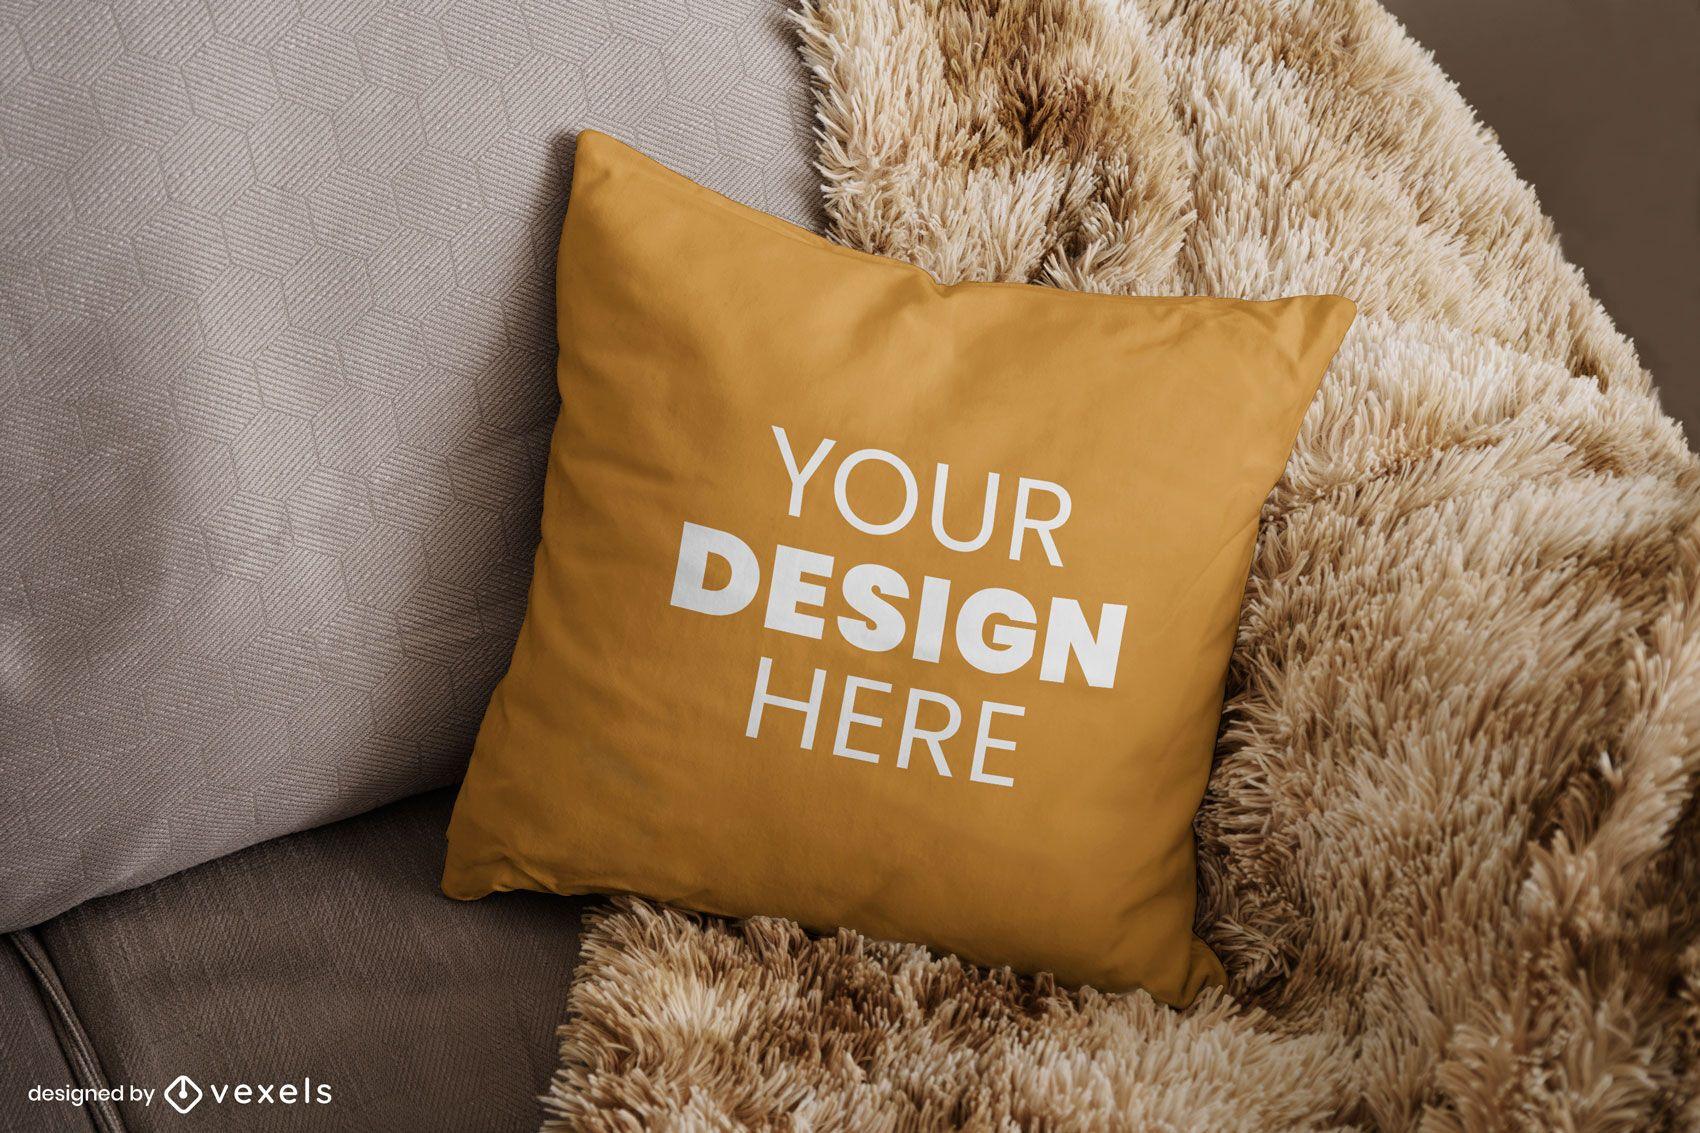 Dise?o de maqueta de sof? de almohada